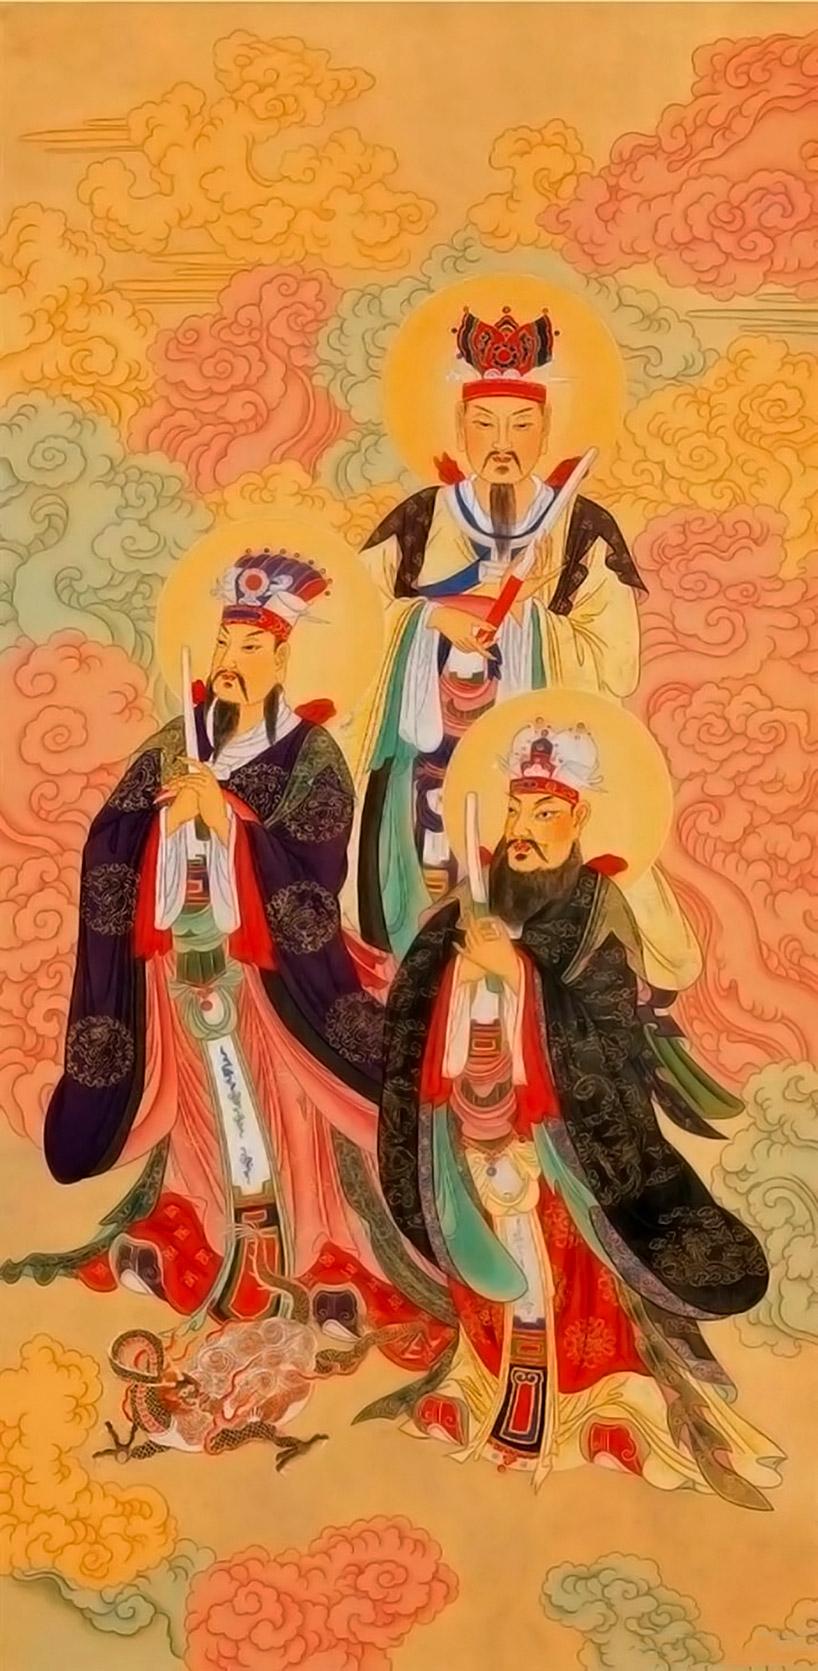 Imagen de los tres funcionarios. Festival de los fantasmas